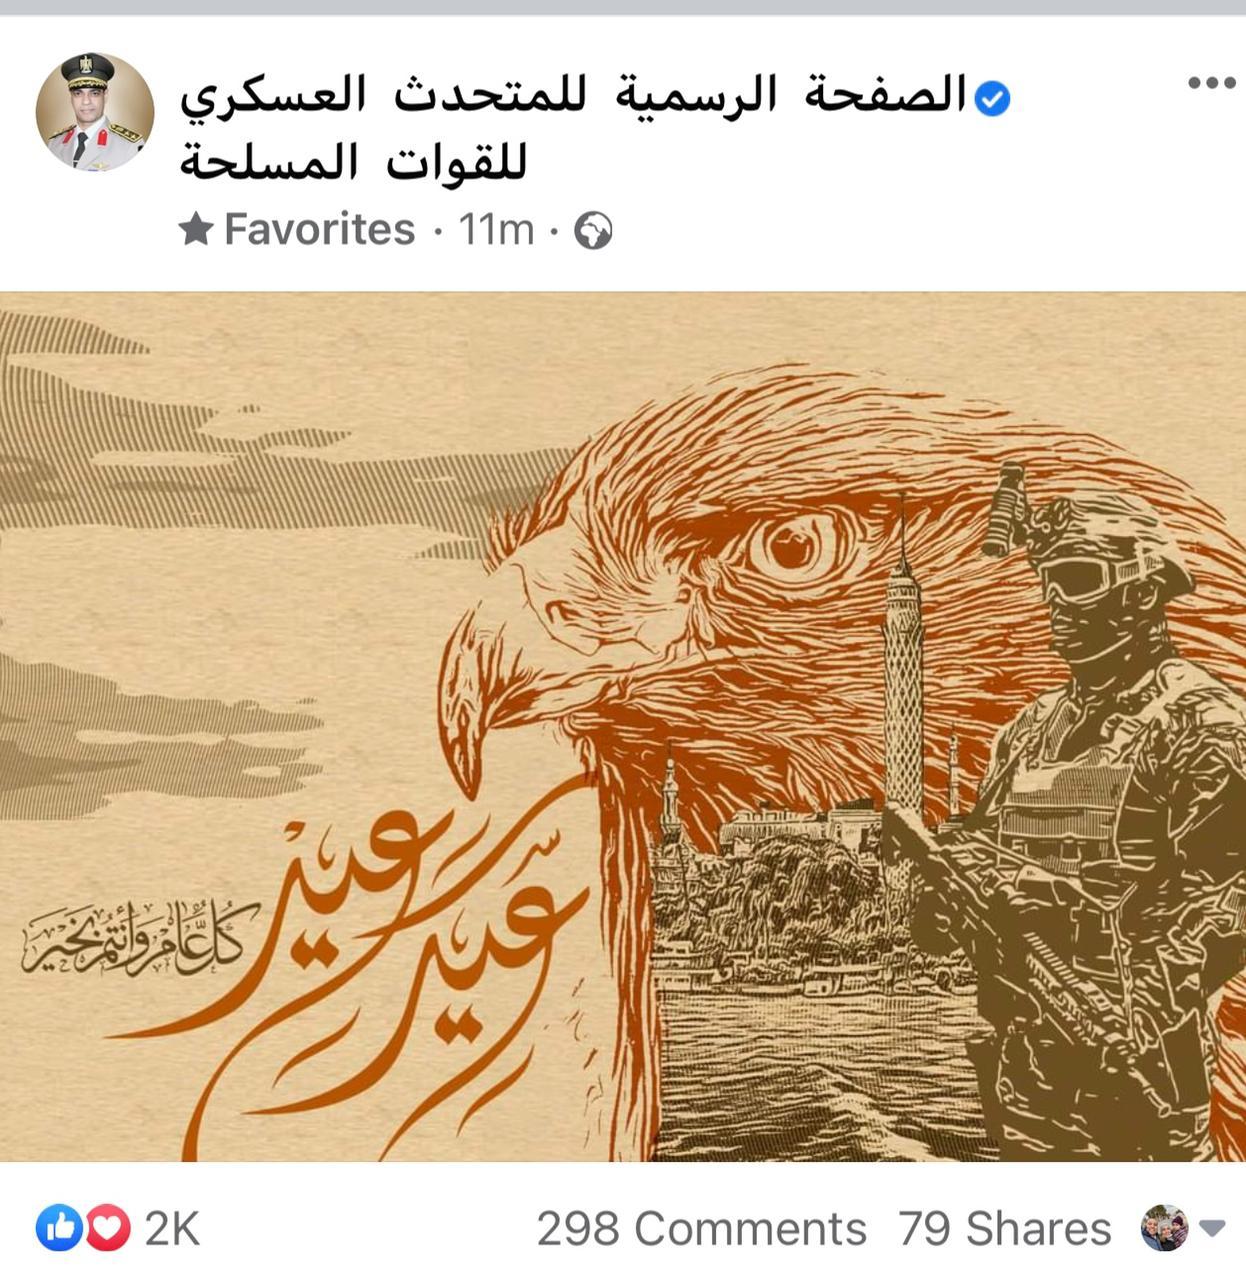 المتحدث العسكري يهنئ الشعب المصري بعيد الأضحى